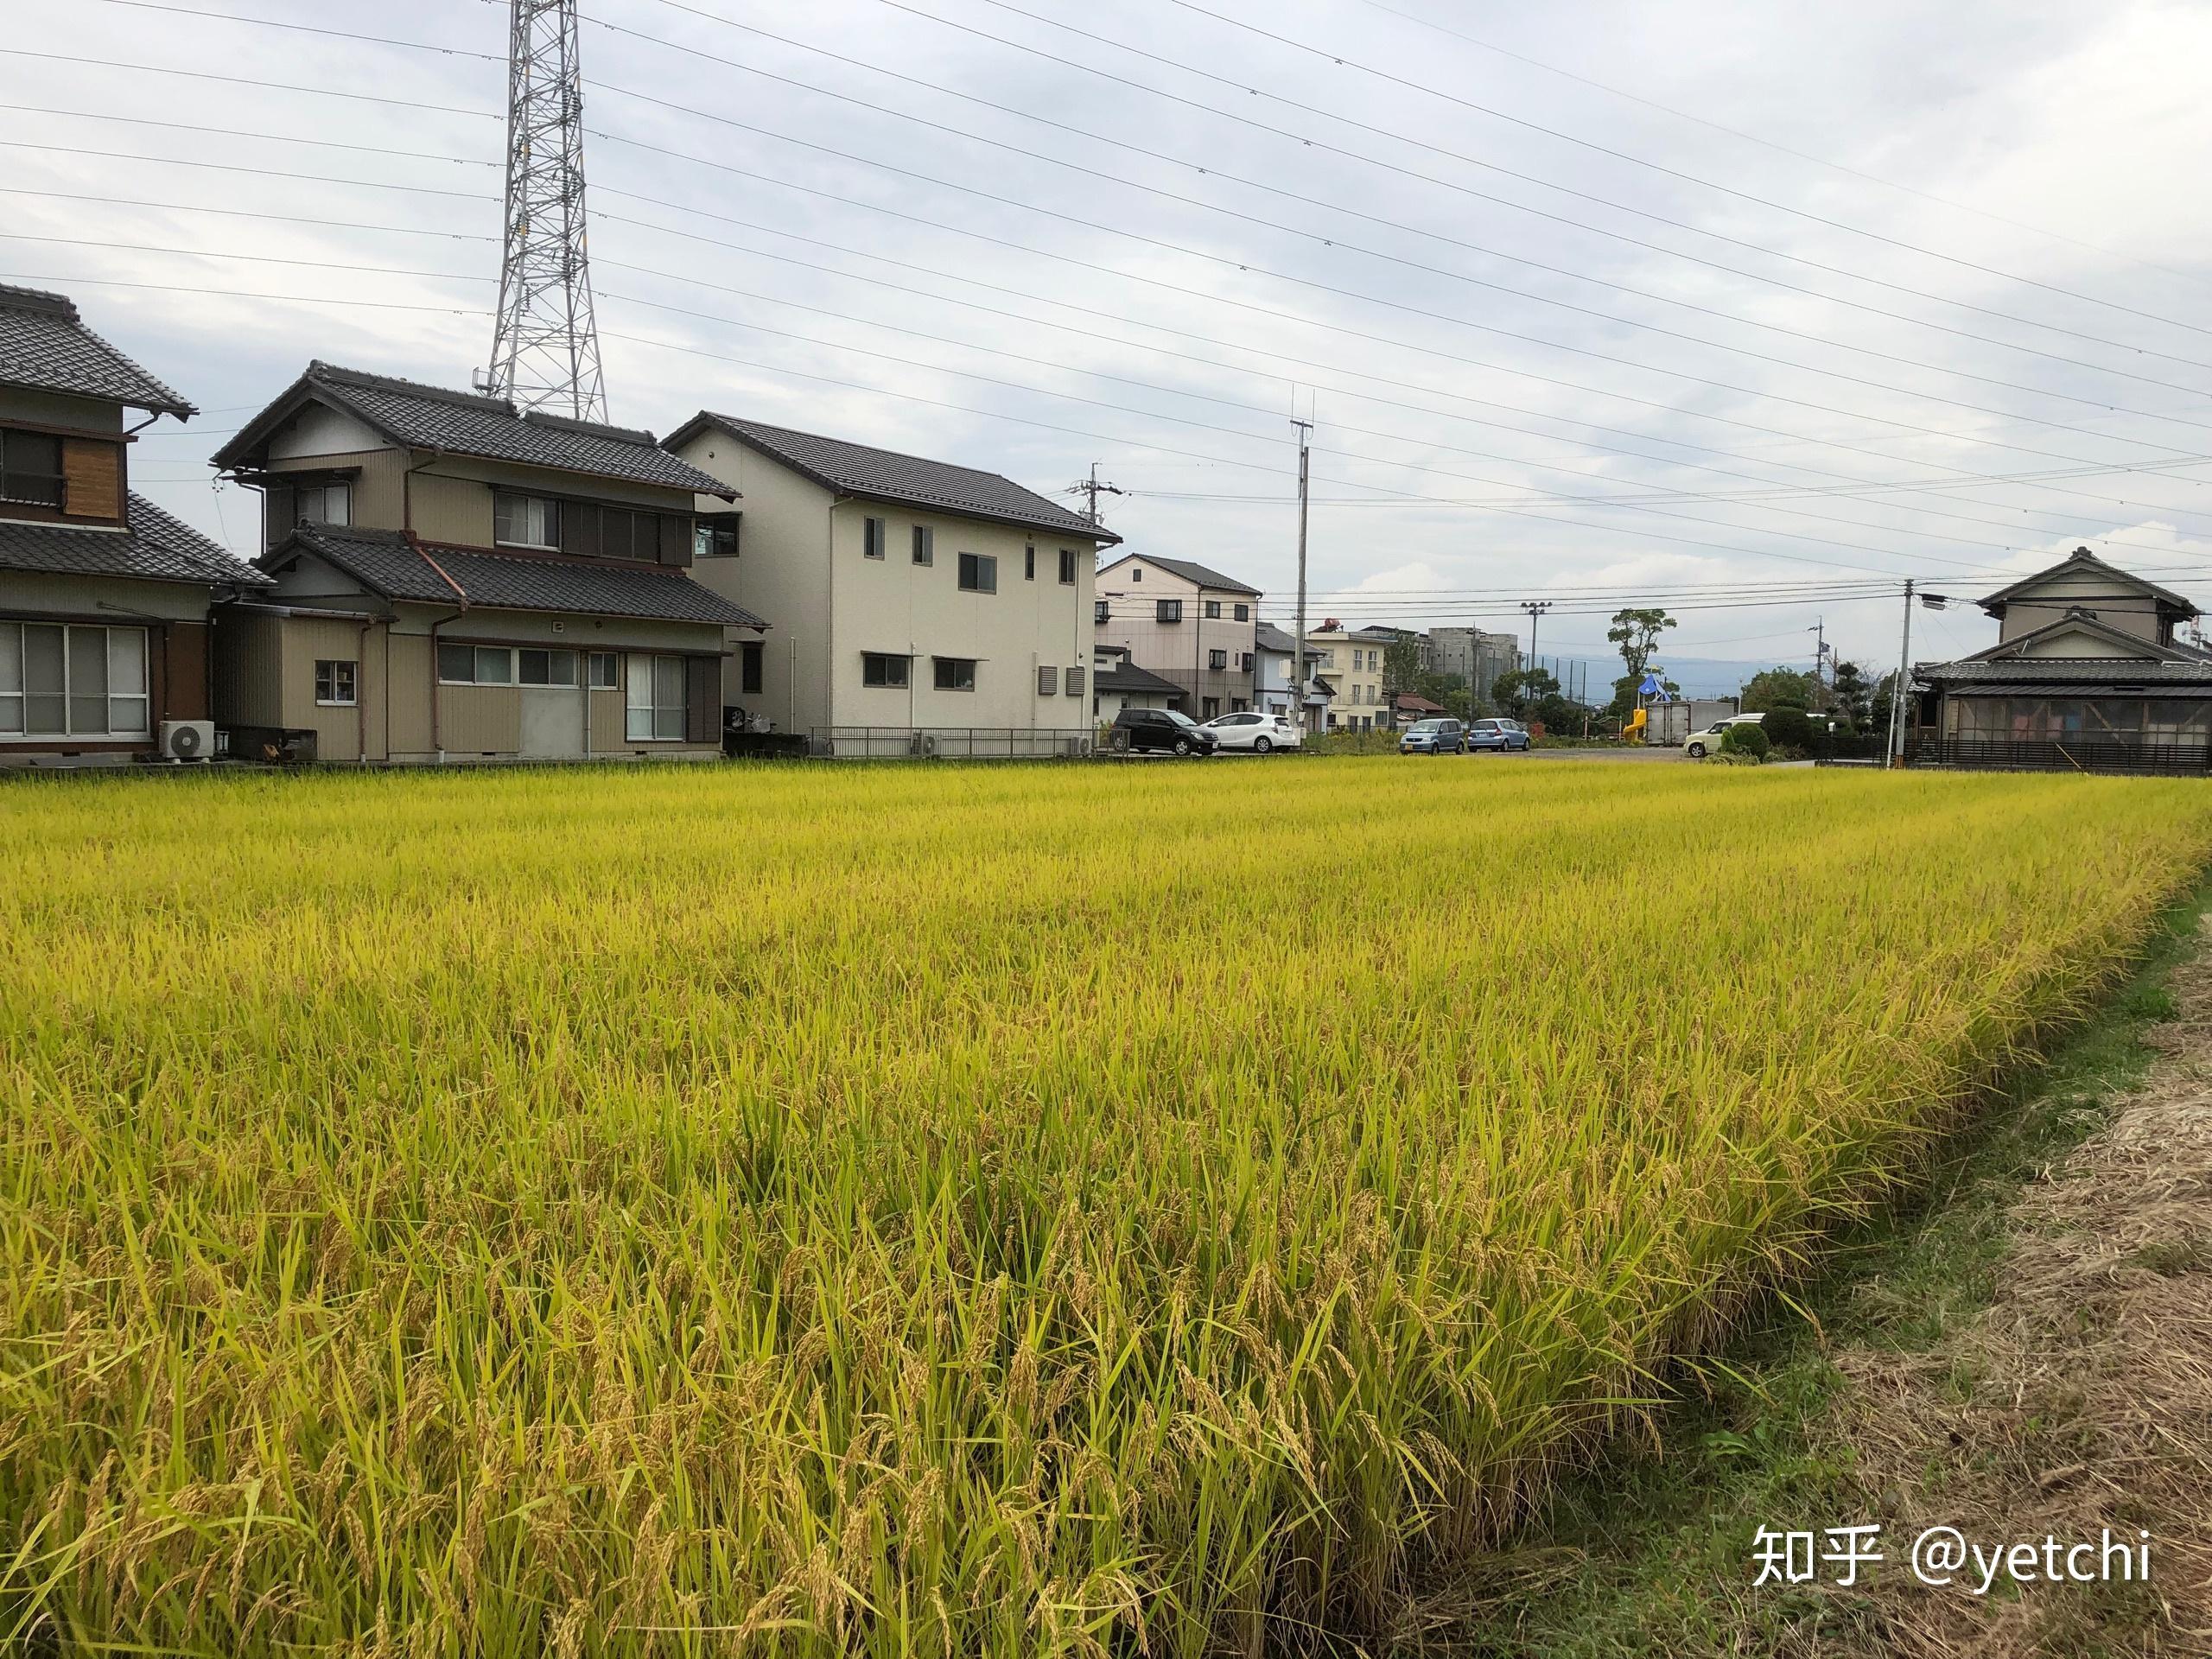 去日本旅游要签证吗_日本真的除了东京以外都是农村吗? - 知乎